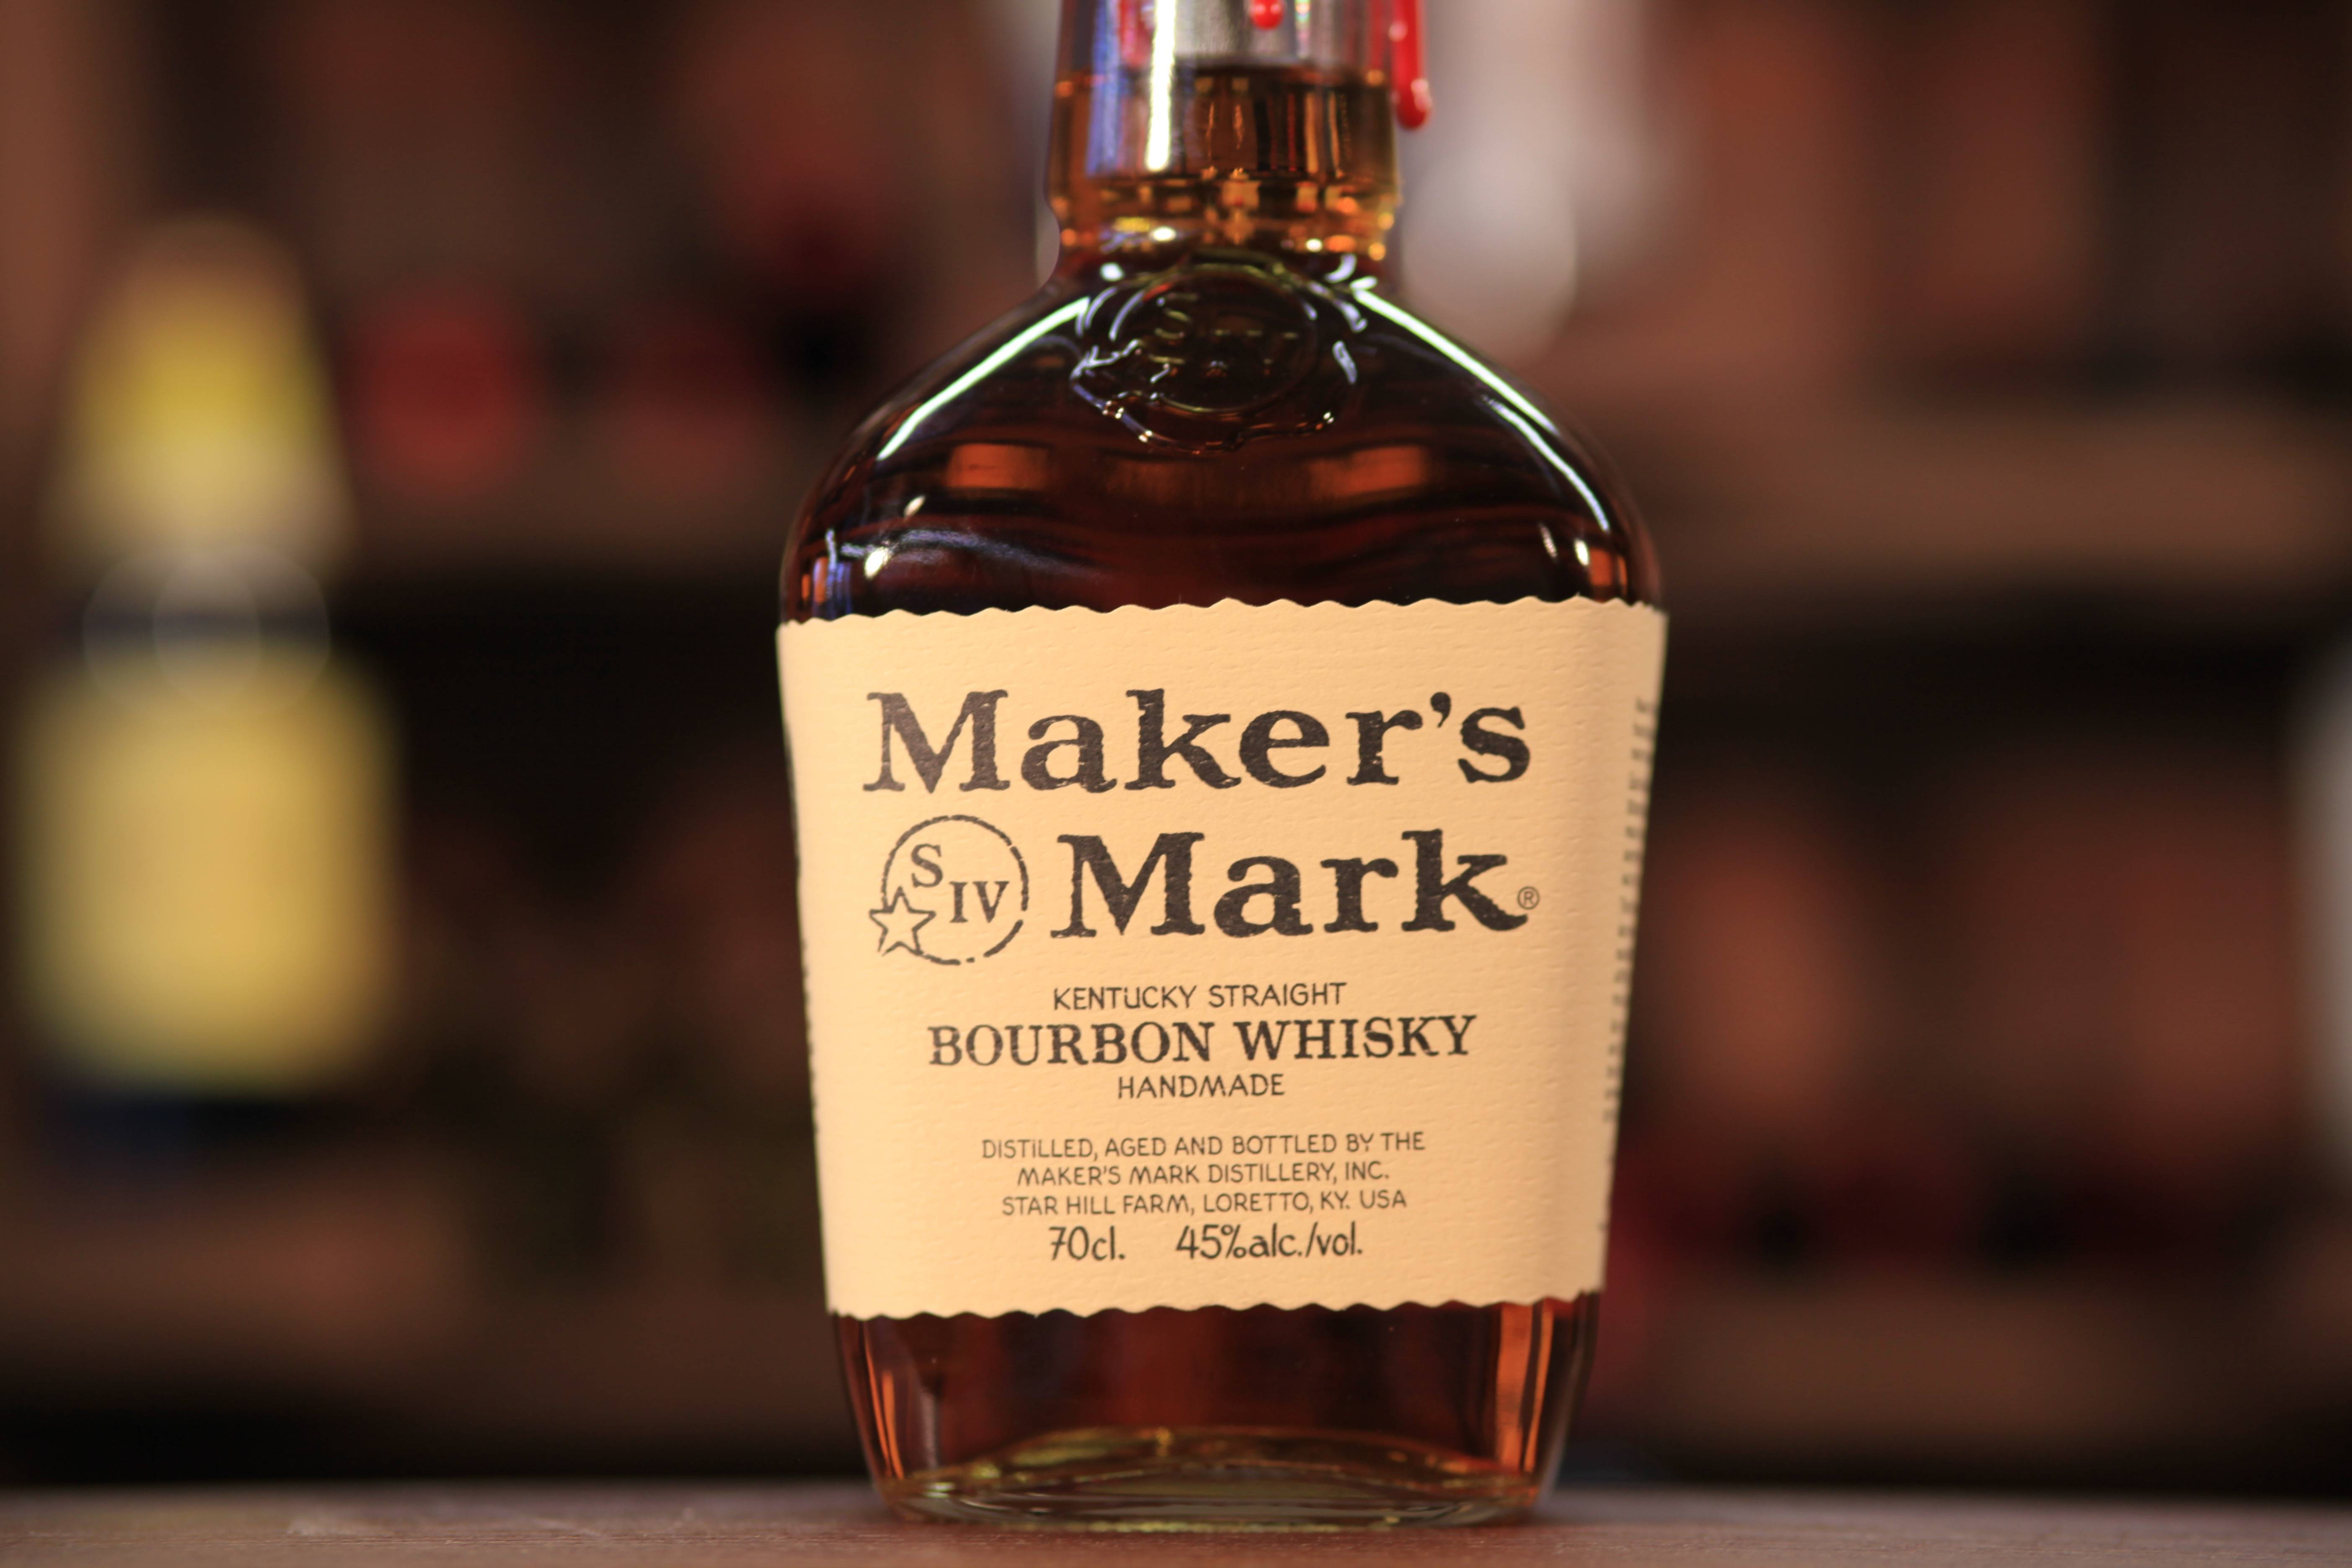 Виски maker's mark (мэйкерс марк): история бренда, вкусовые характеристики напитка, отличительные особенности оформления бутылки | inshaker | яндекс дзен